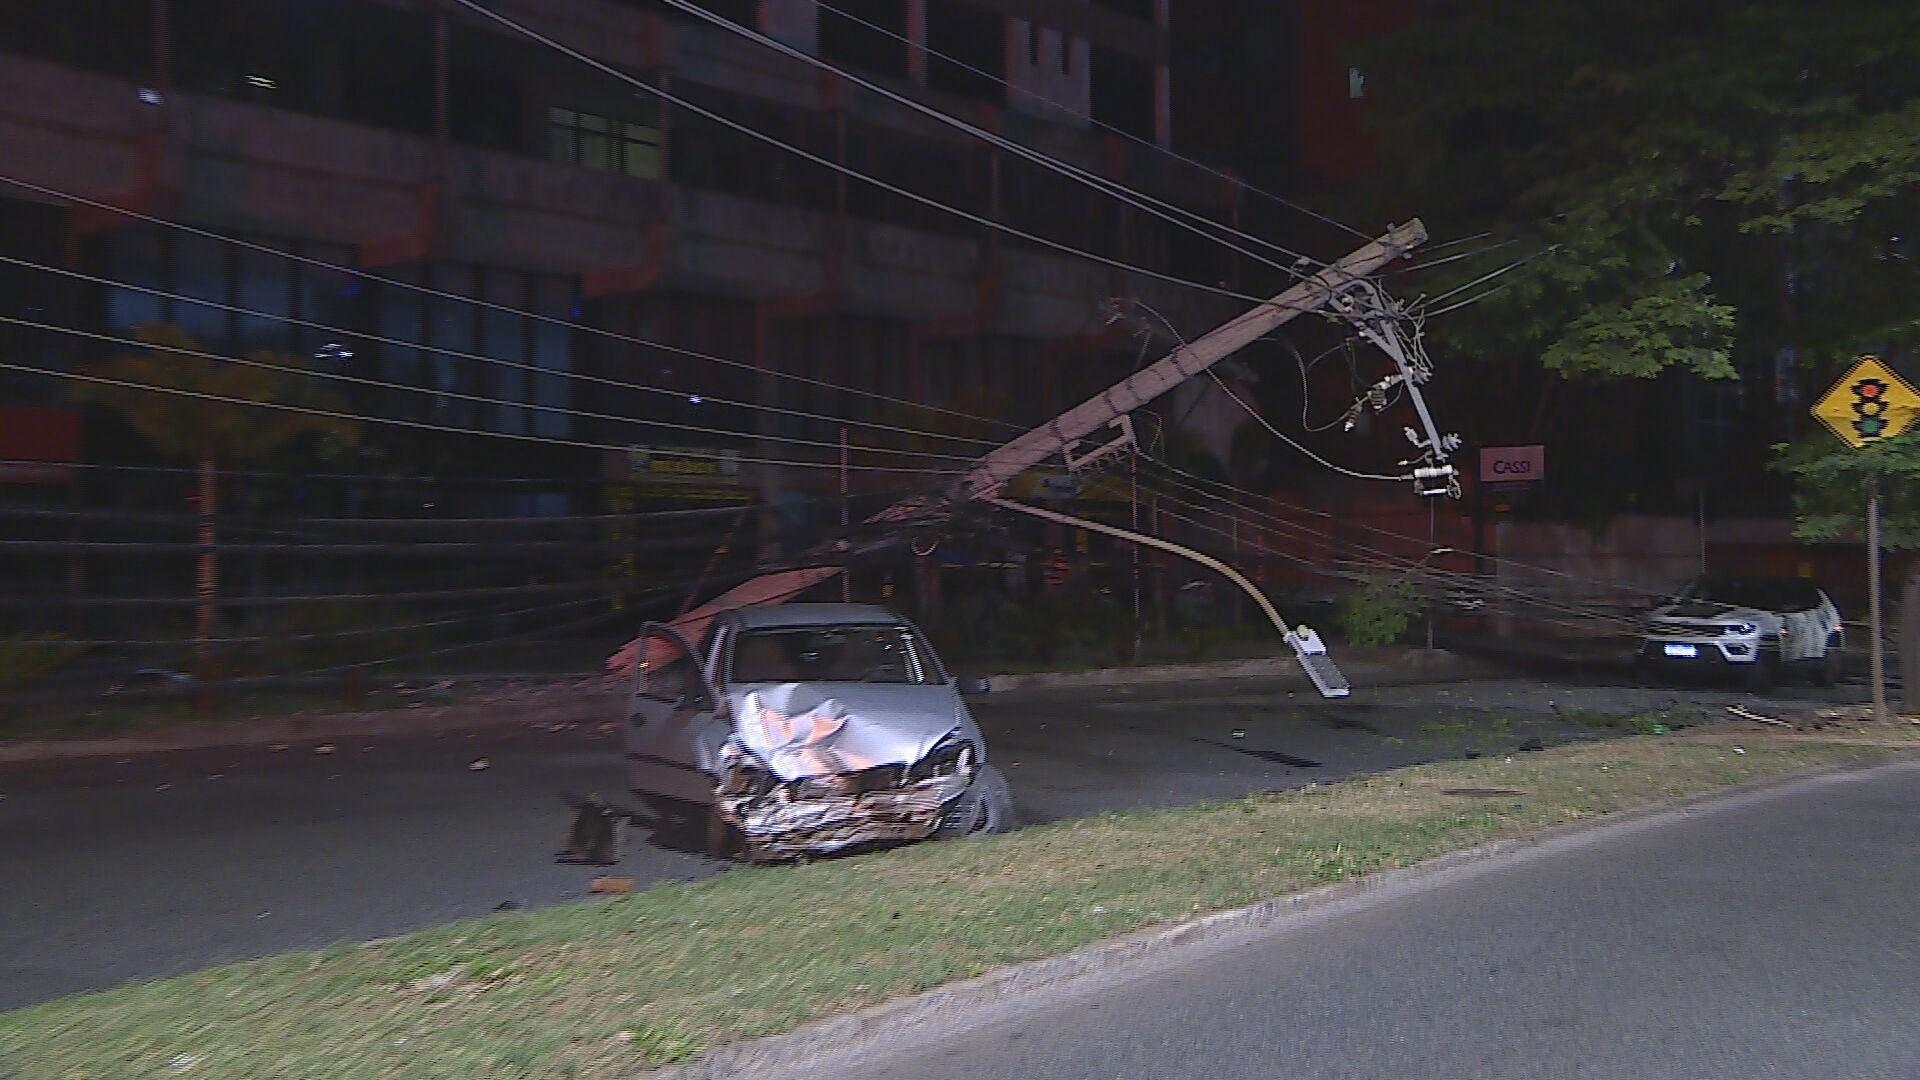 Motorista com suspeita de embriaguez derruba dois postes em avenida de BH